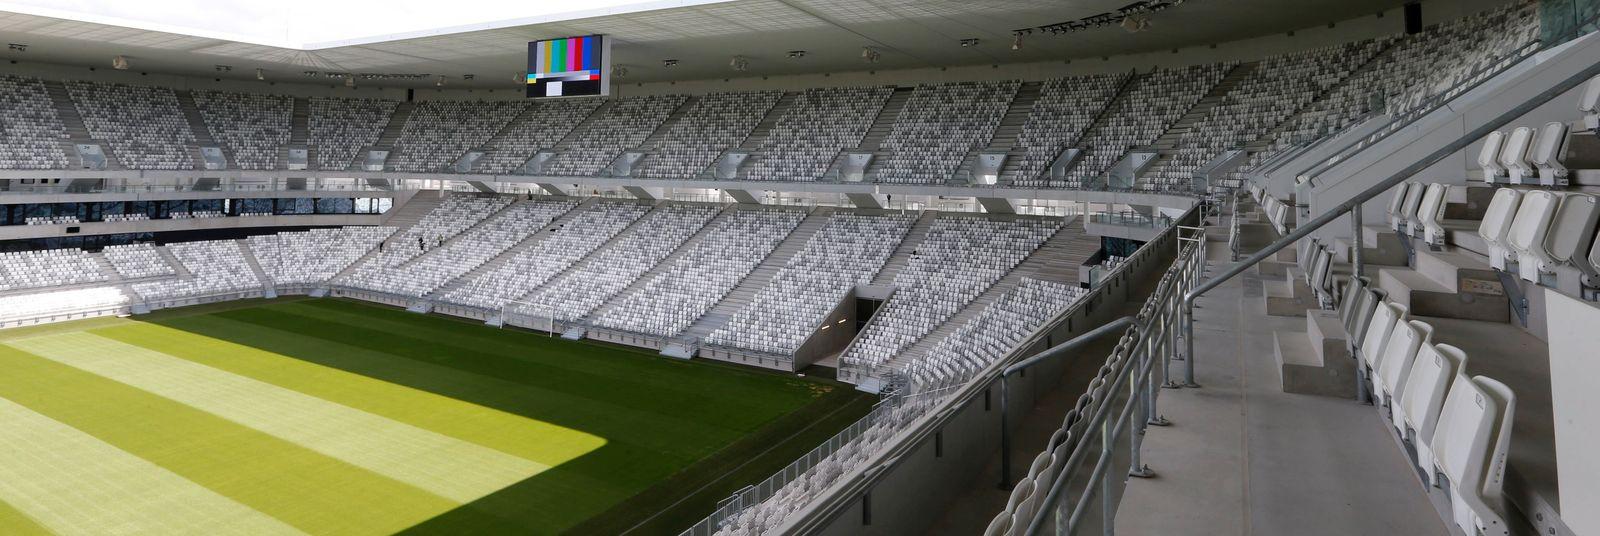 Stadium in Bordeaux